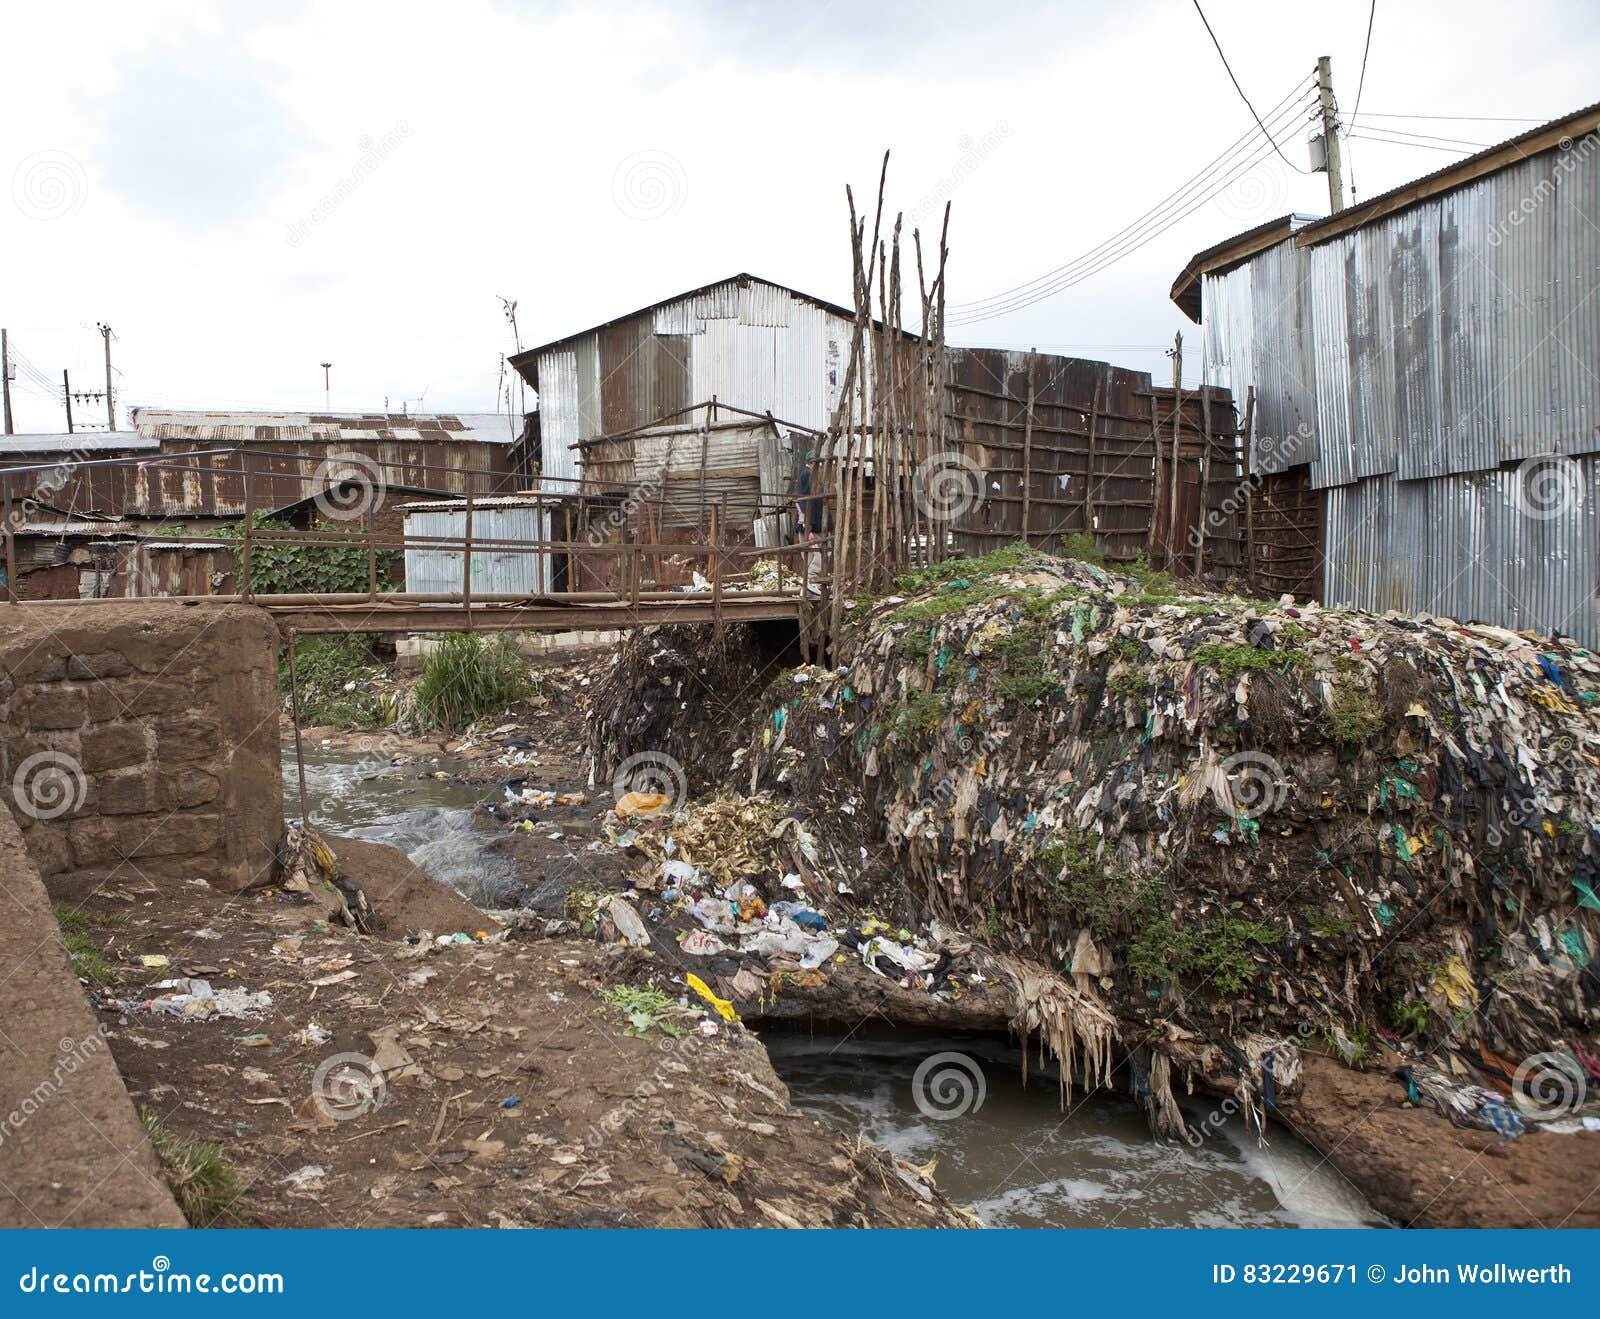 Vuile krottenwijk met vuilnis en slecht water